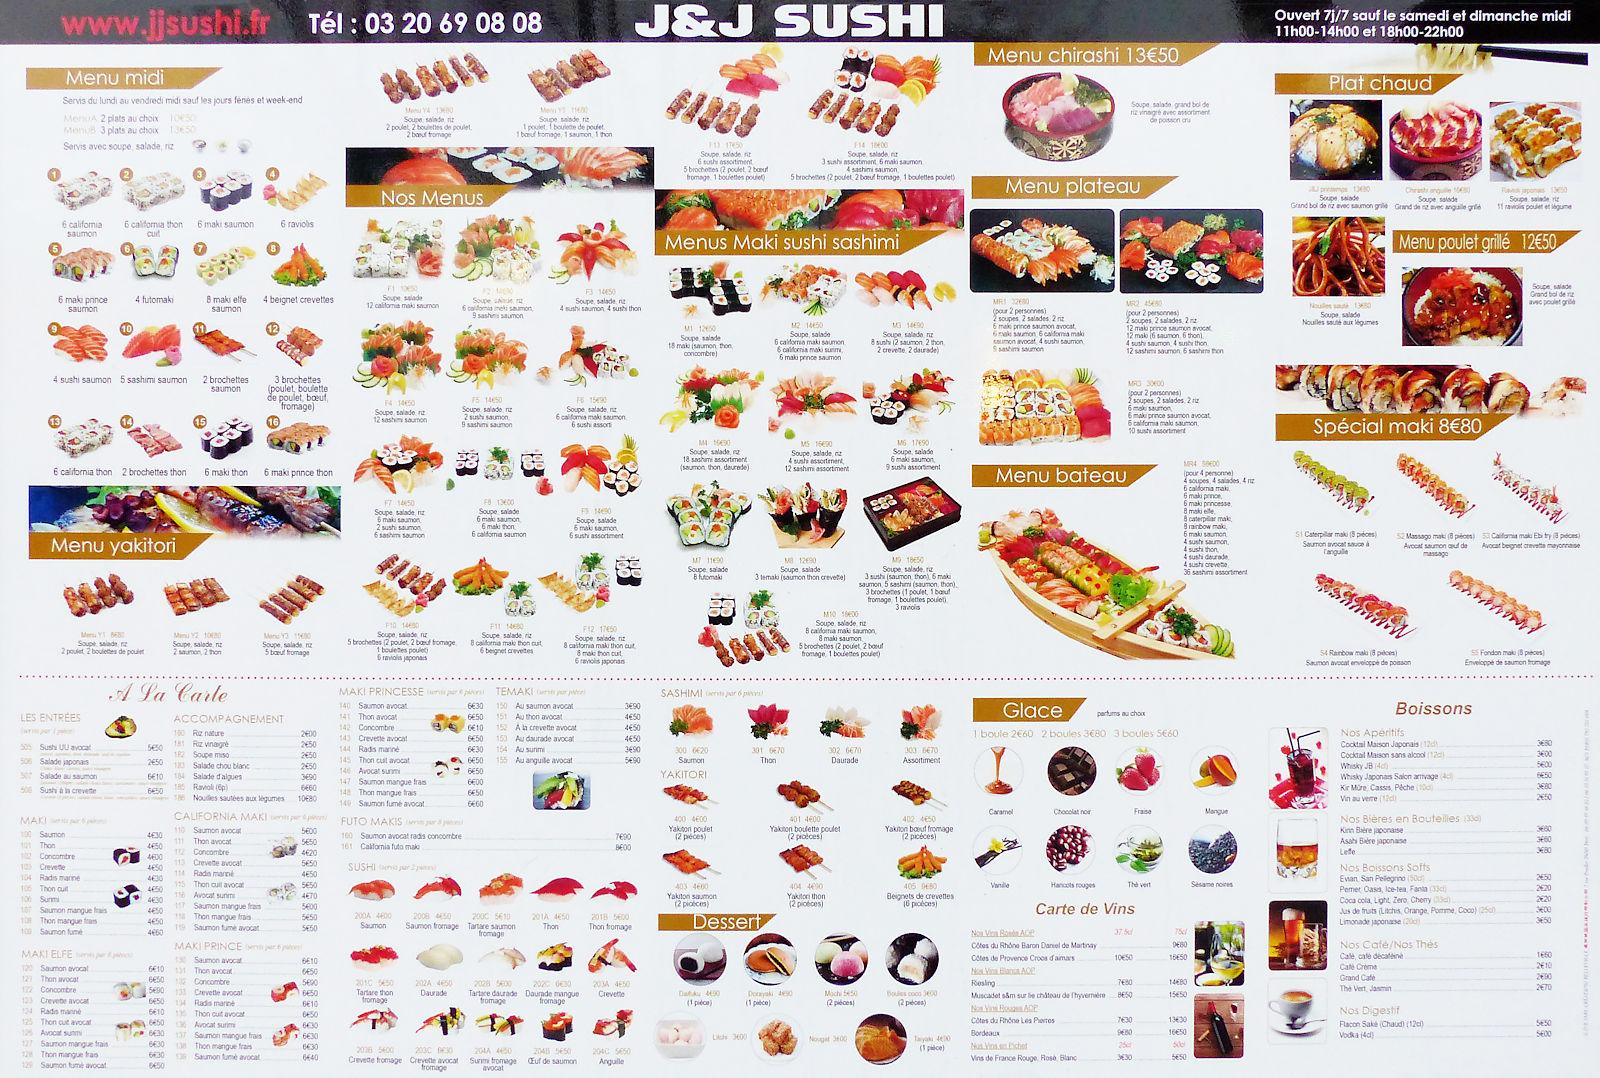 Carte Restaurant J&J Sushi - Tourcoing, Place de la République